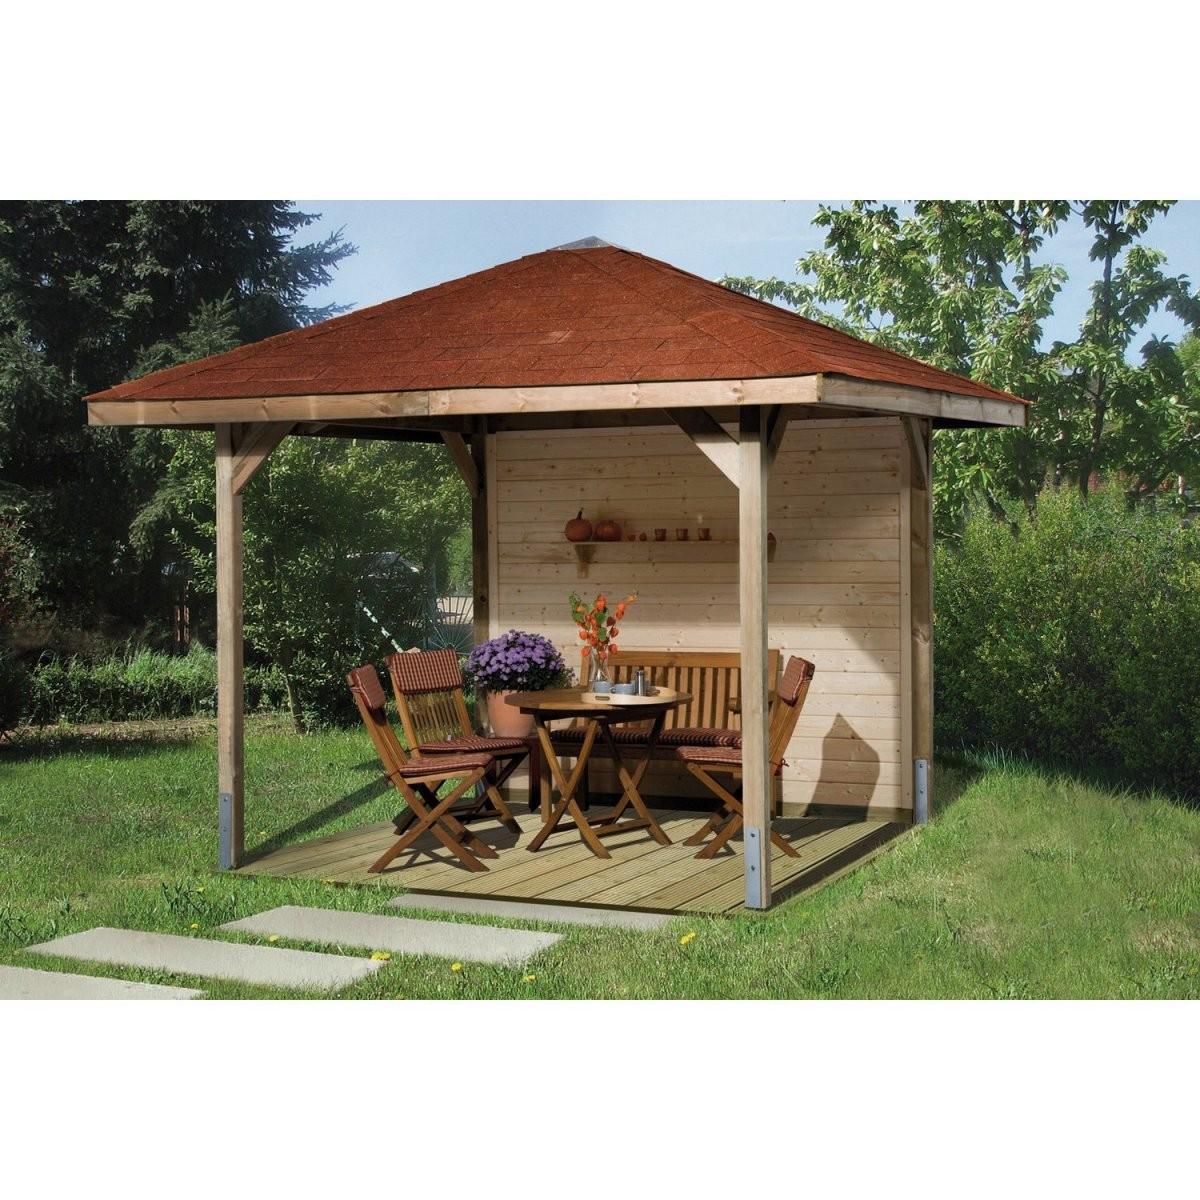 Gartenlauben  Pavillons Kaufen Bei Obi  Obich von Holz Pavillon 6 Eckig Bild